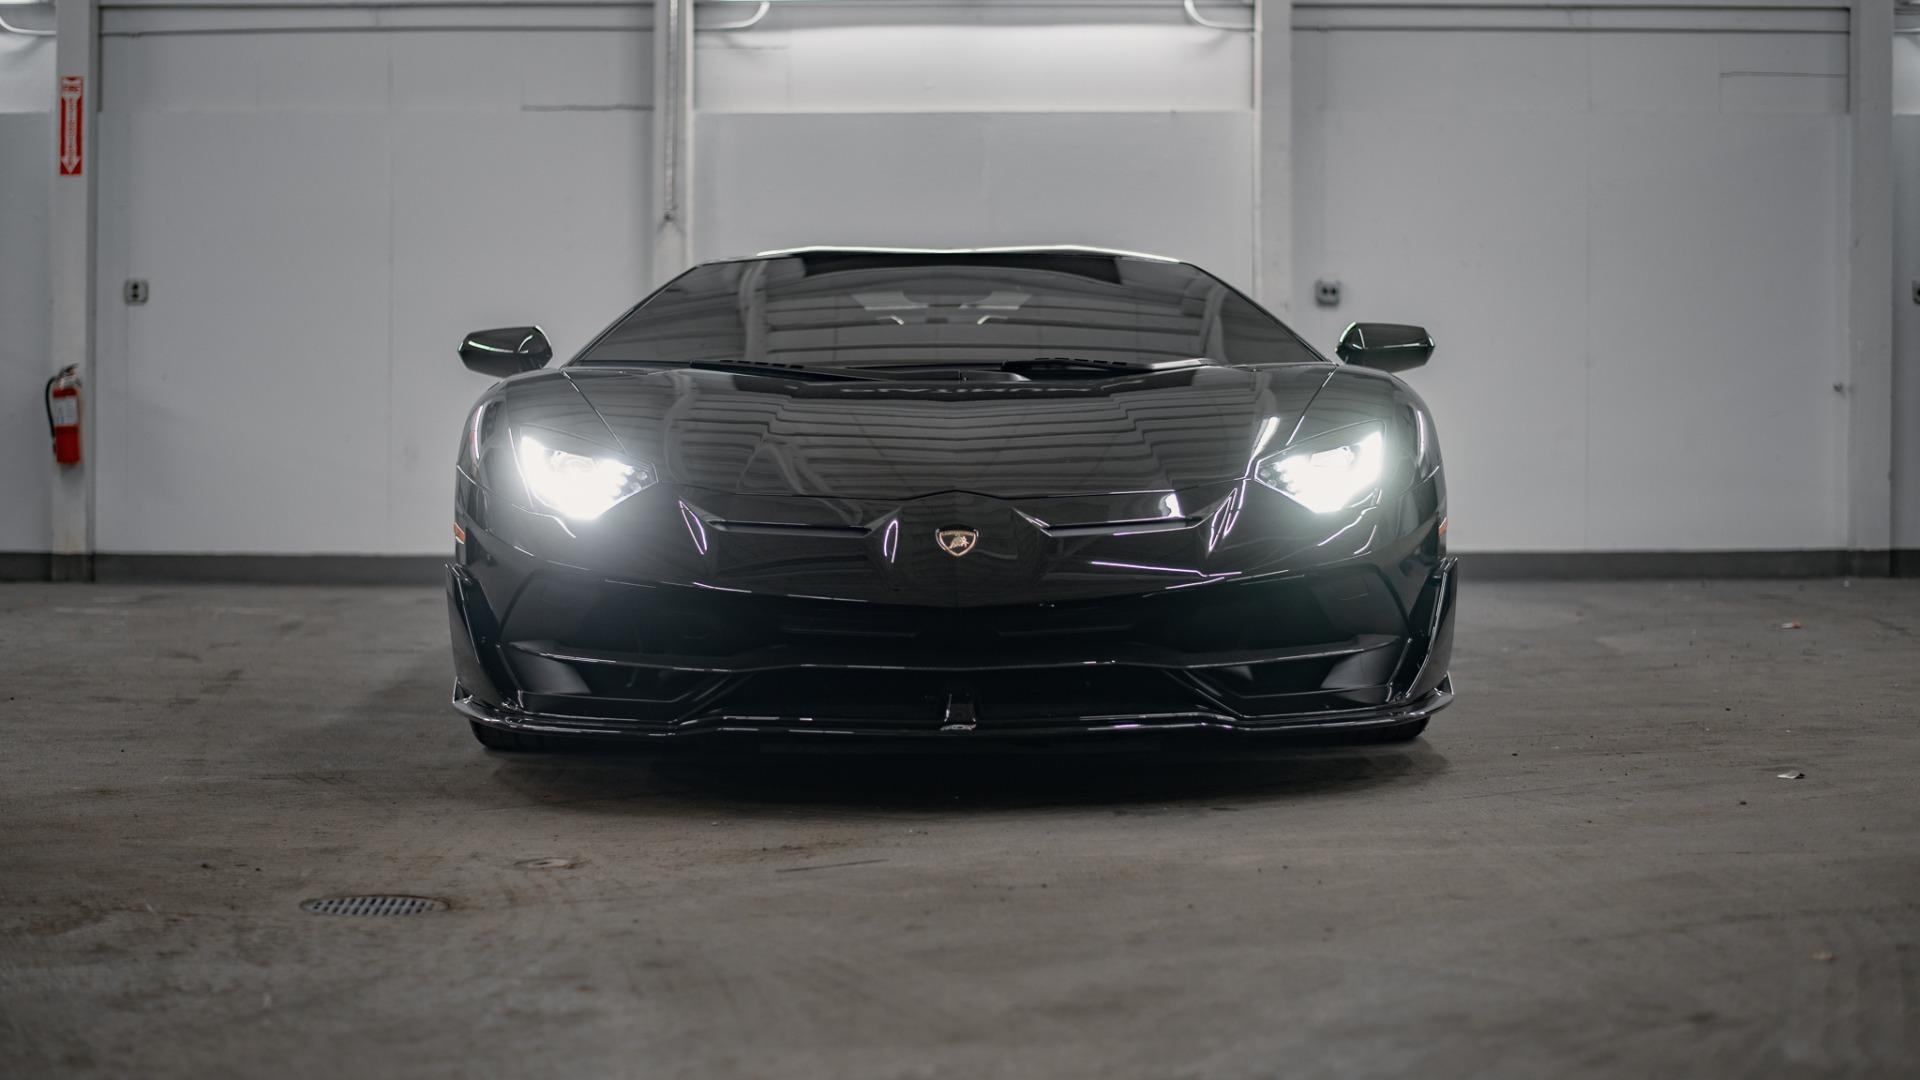 Used 2020 Lamborghini Aventador SVJ Roadst for sale Call for price at Platinum Chicago in Lake Bluff IL 60044 1